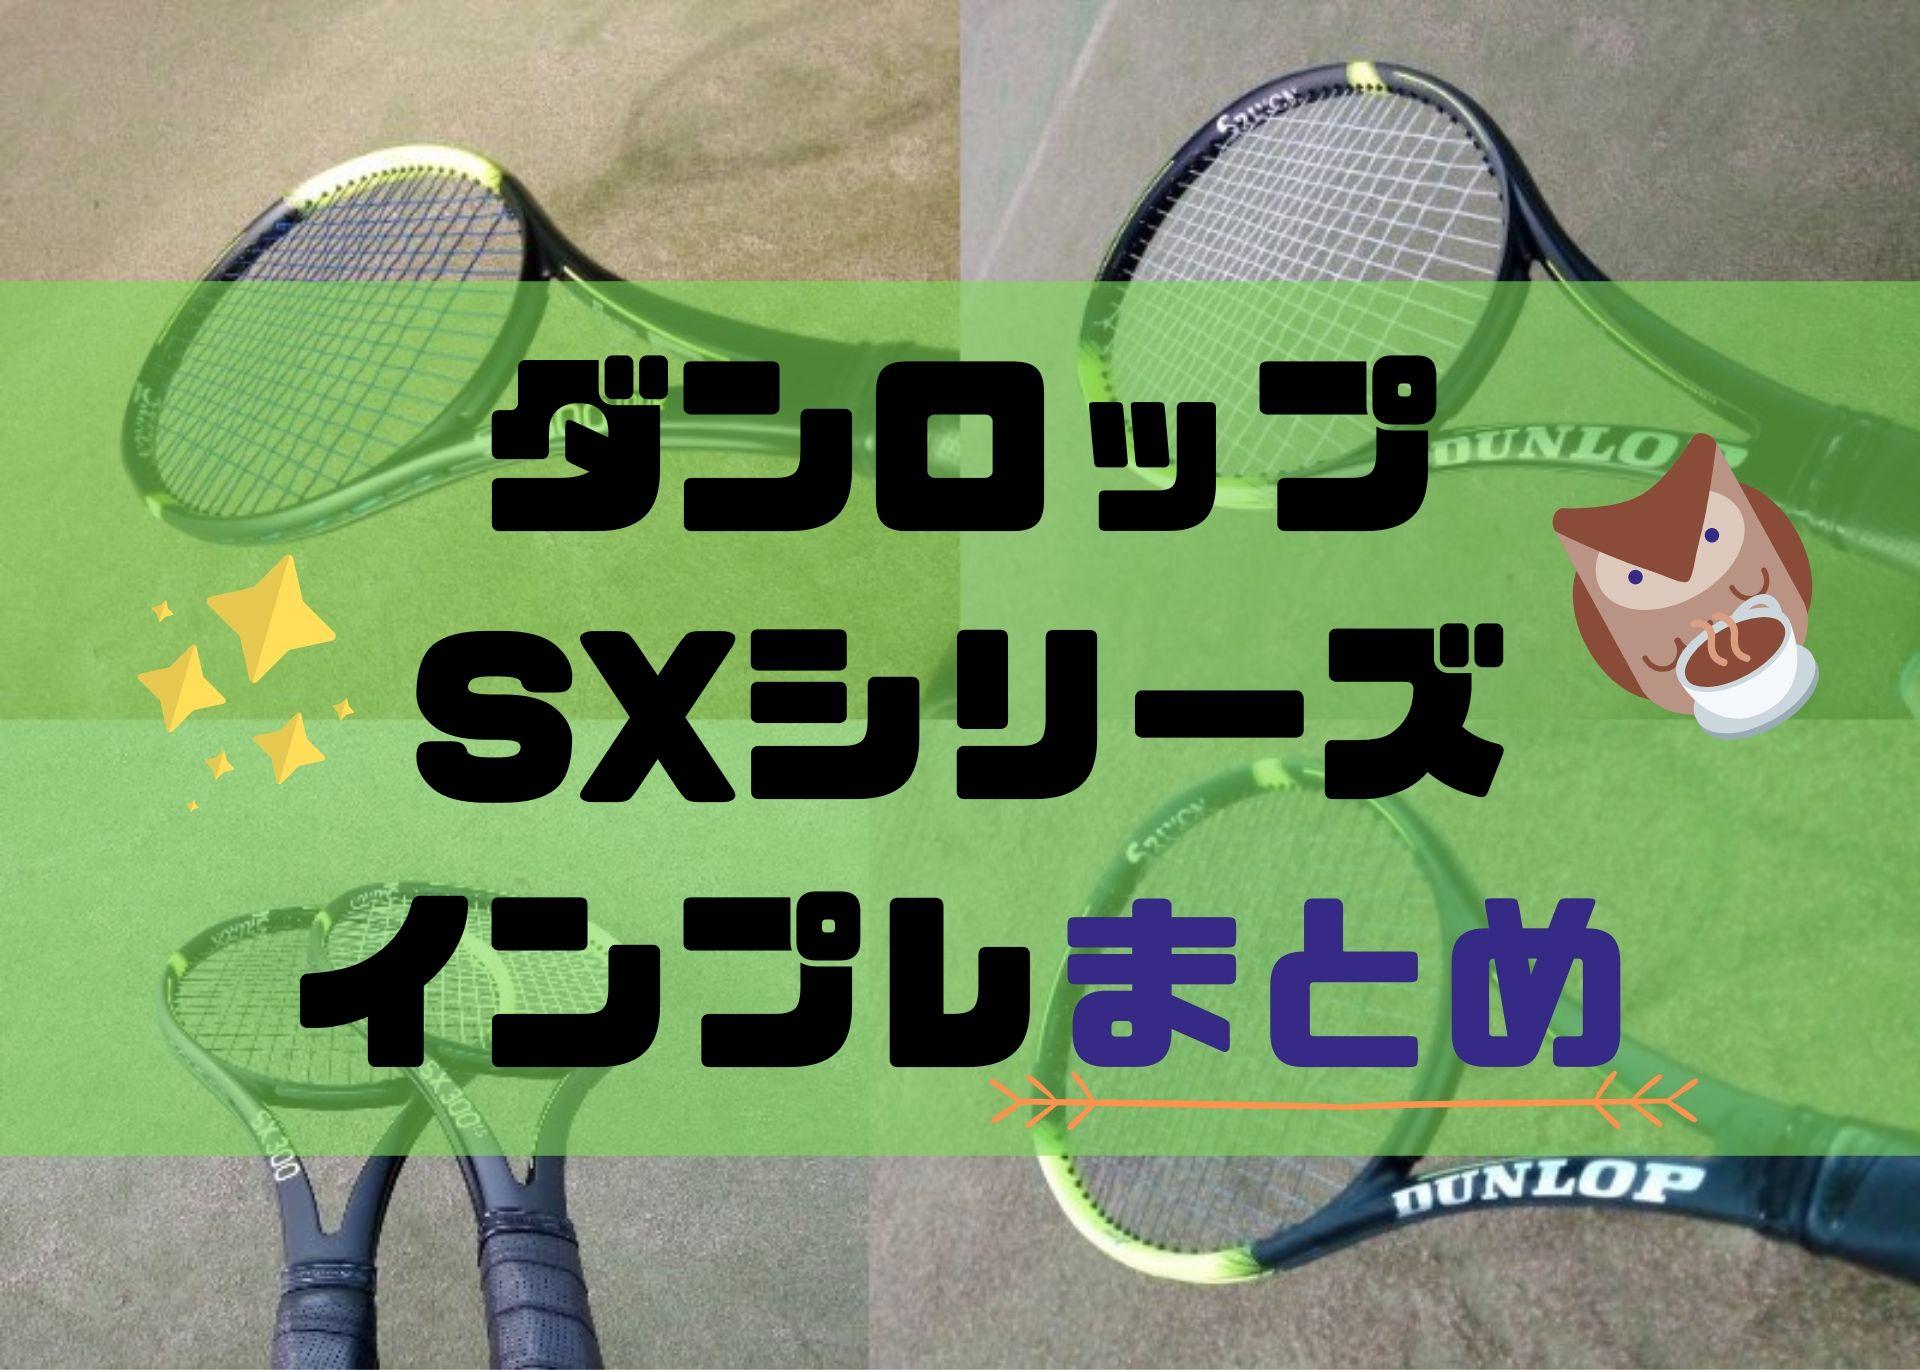 SX300/SX300TOUR/SX300LS【インプレまとめ】